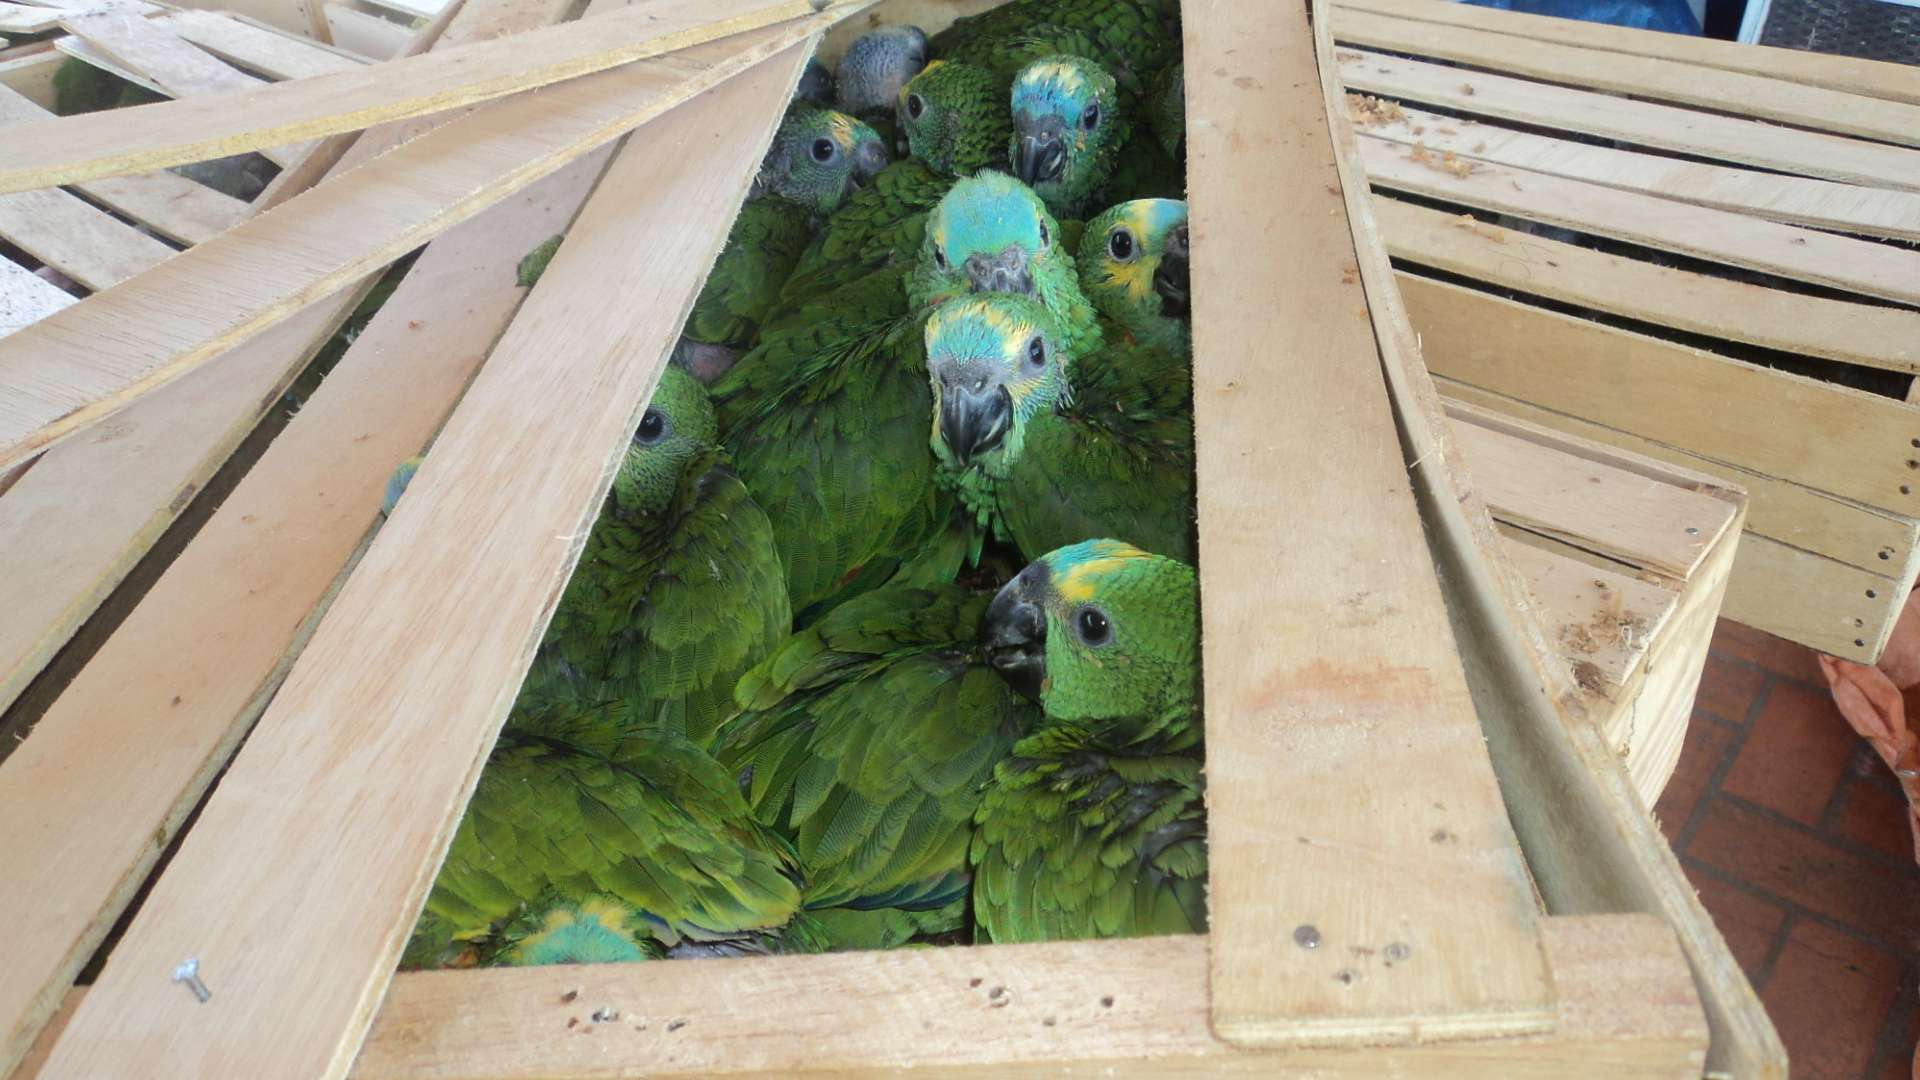 Filhotes de papagaios estavam escondidos em caixas de madeira Foto: Divulgação / Polícia Militar Ambiental do Mato Grosso do Sul